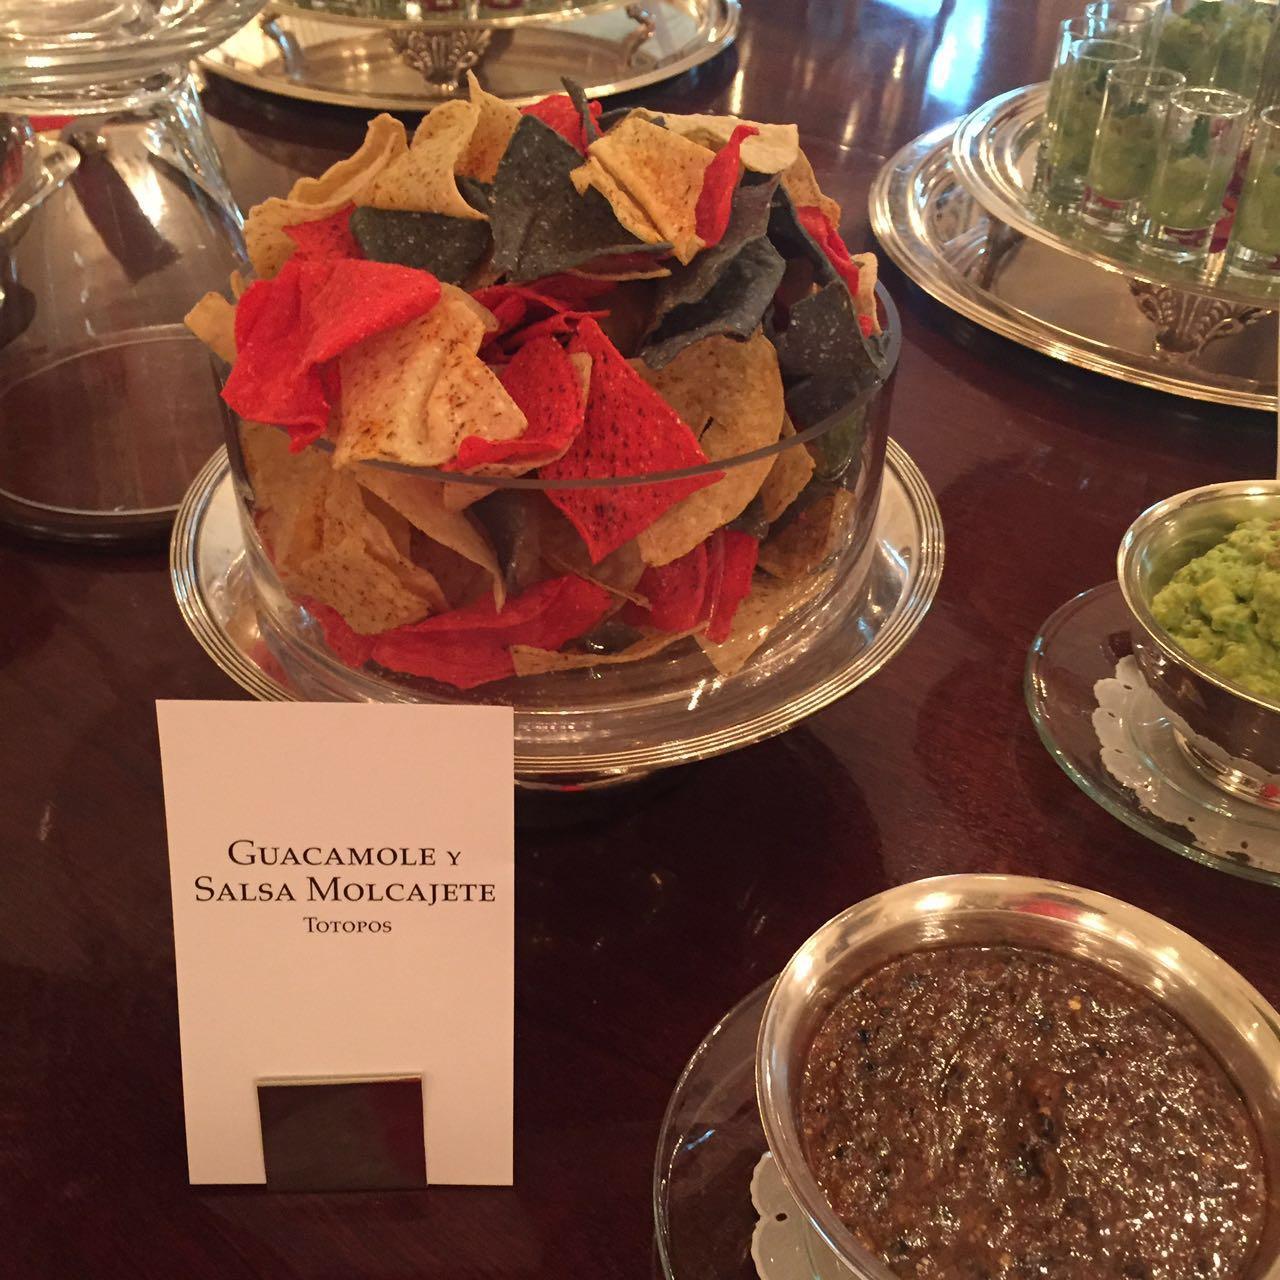 Totopos, guacamole y salsa molcajeteada.